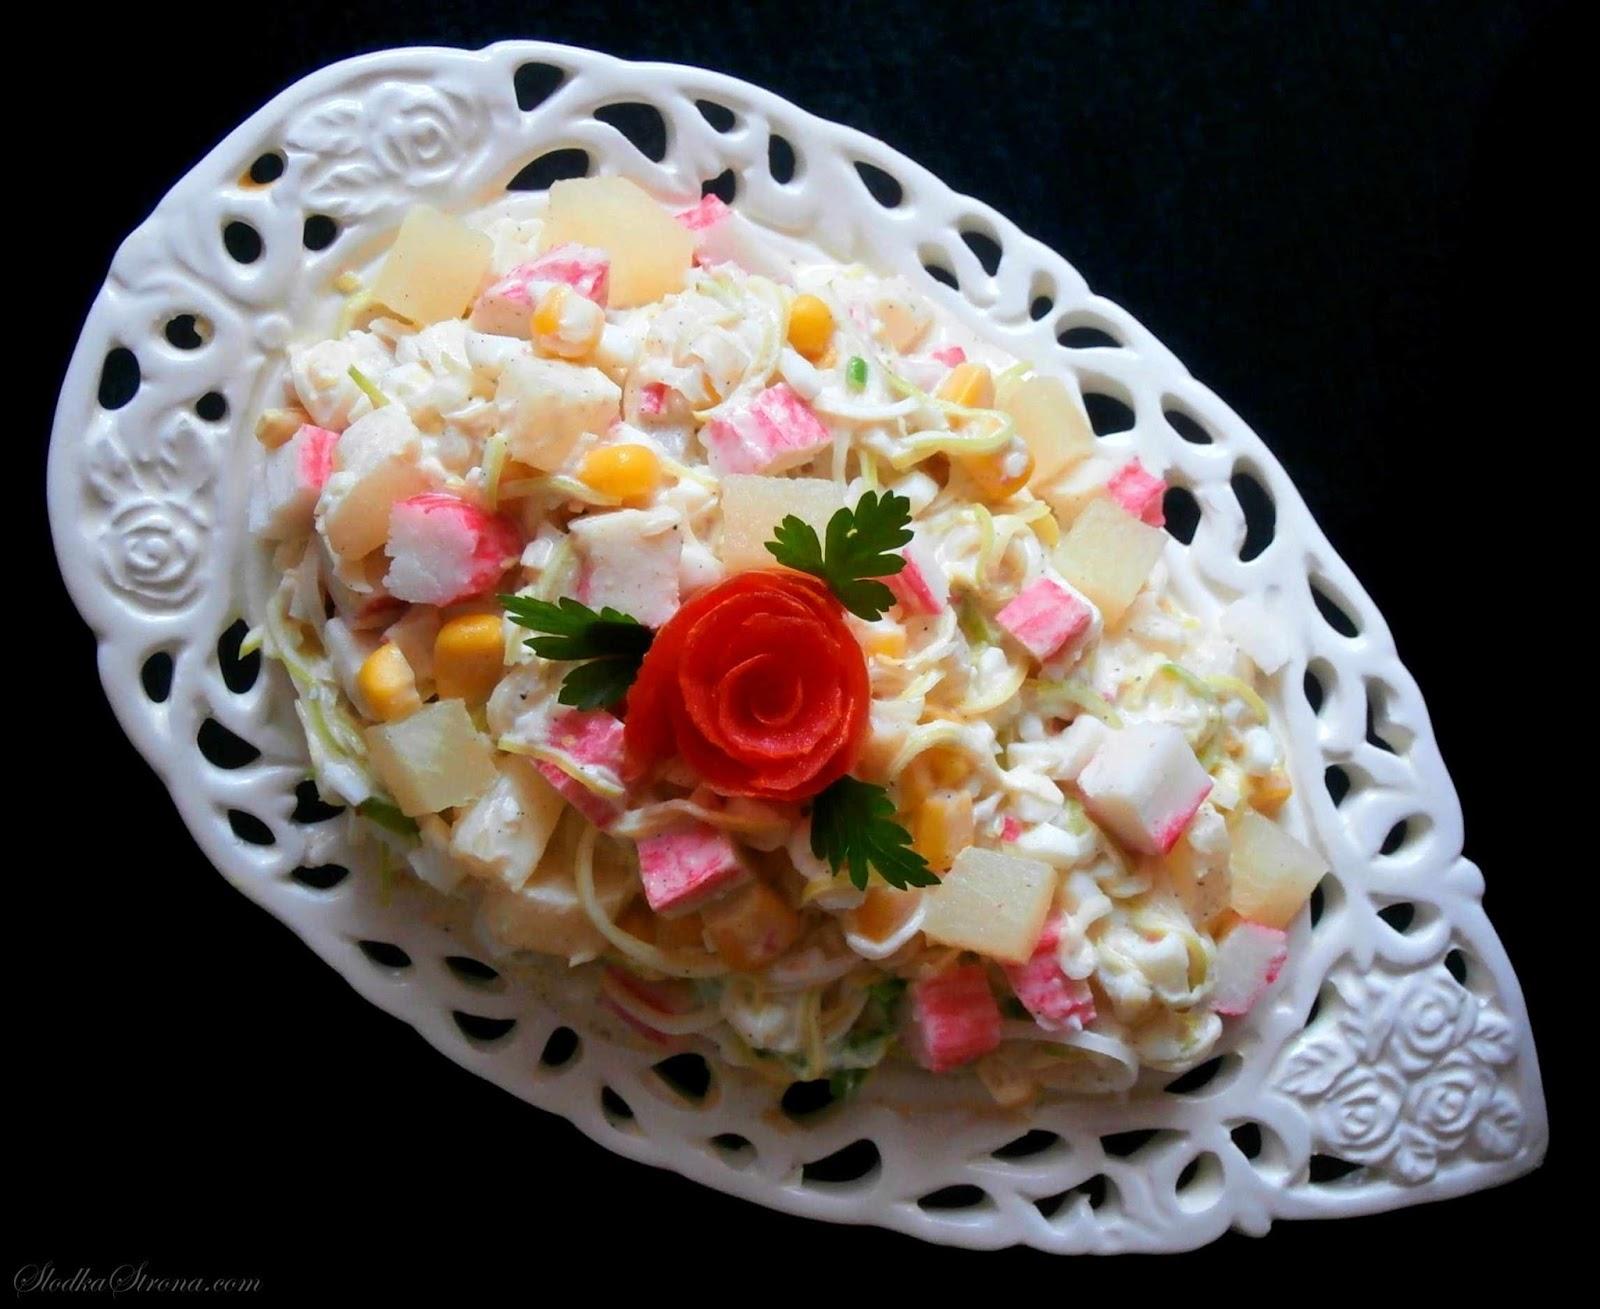 Sałatka z Paluszkami Krabowymi i Ananasem - Przepis - Słodka Strona